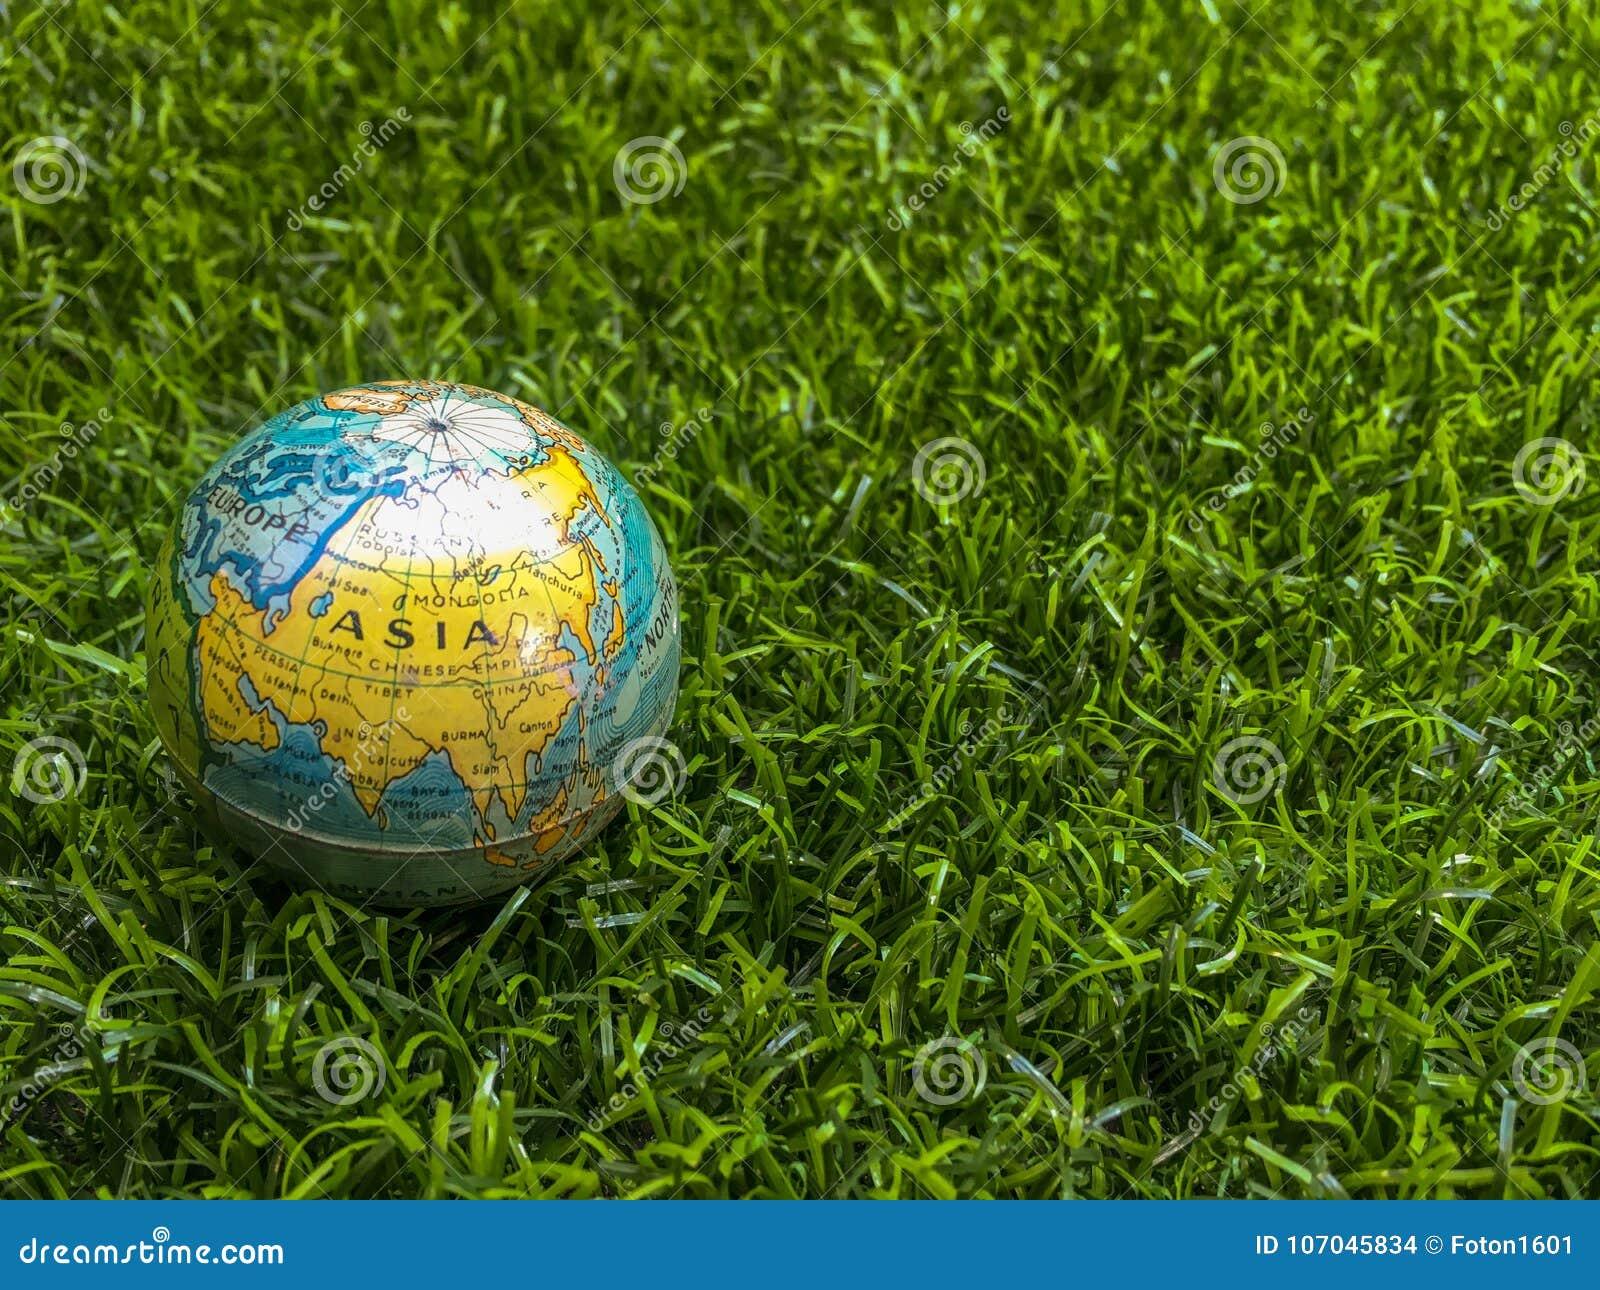 Mapa do mundo de Europa, América, Ásia, Índia, Nova Zelândia, zelo novo